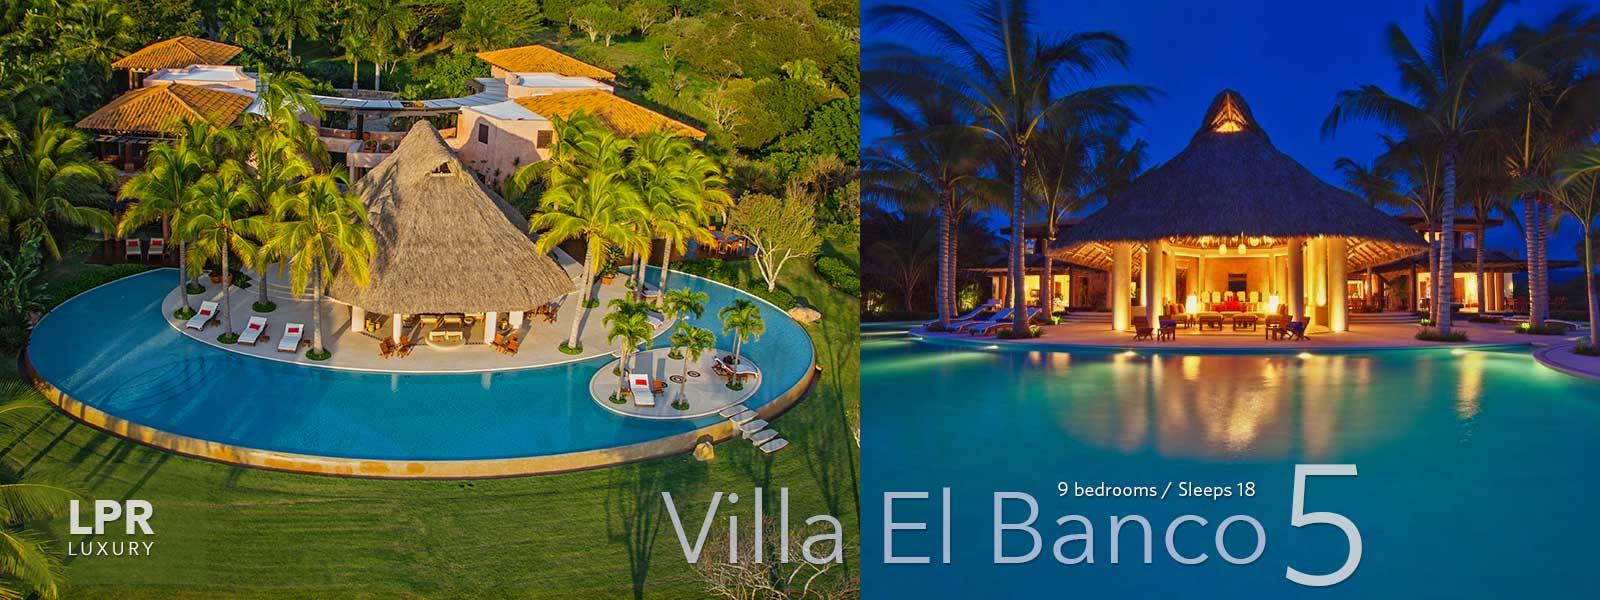 Villa El Banco 5 - Punta de Mita - Puerto Vallarta, Mexico